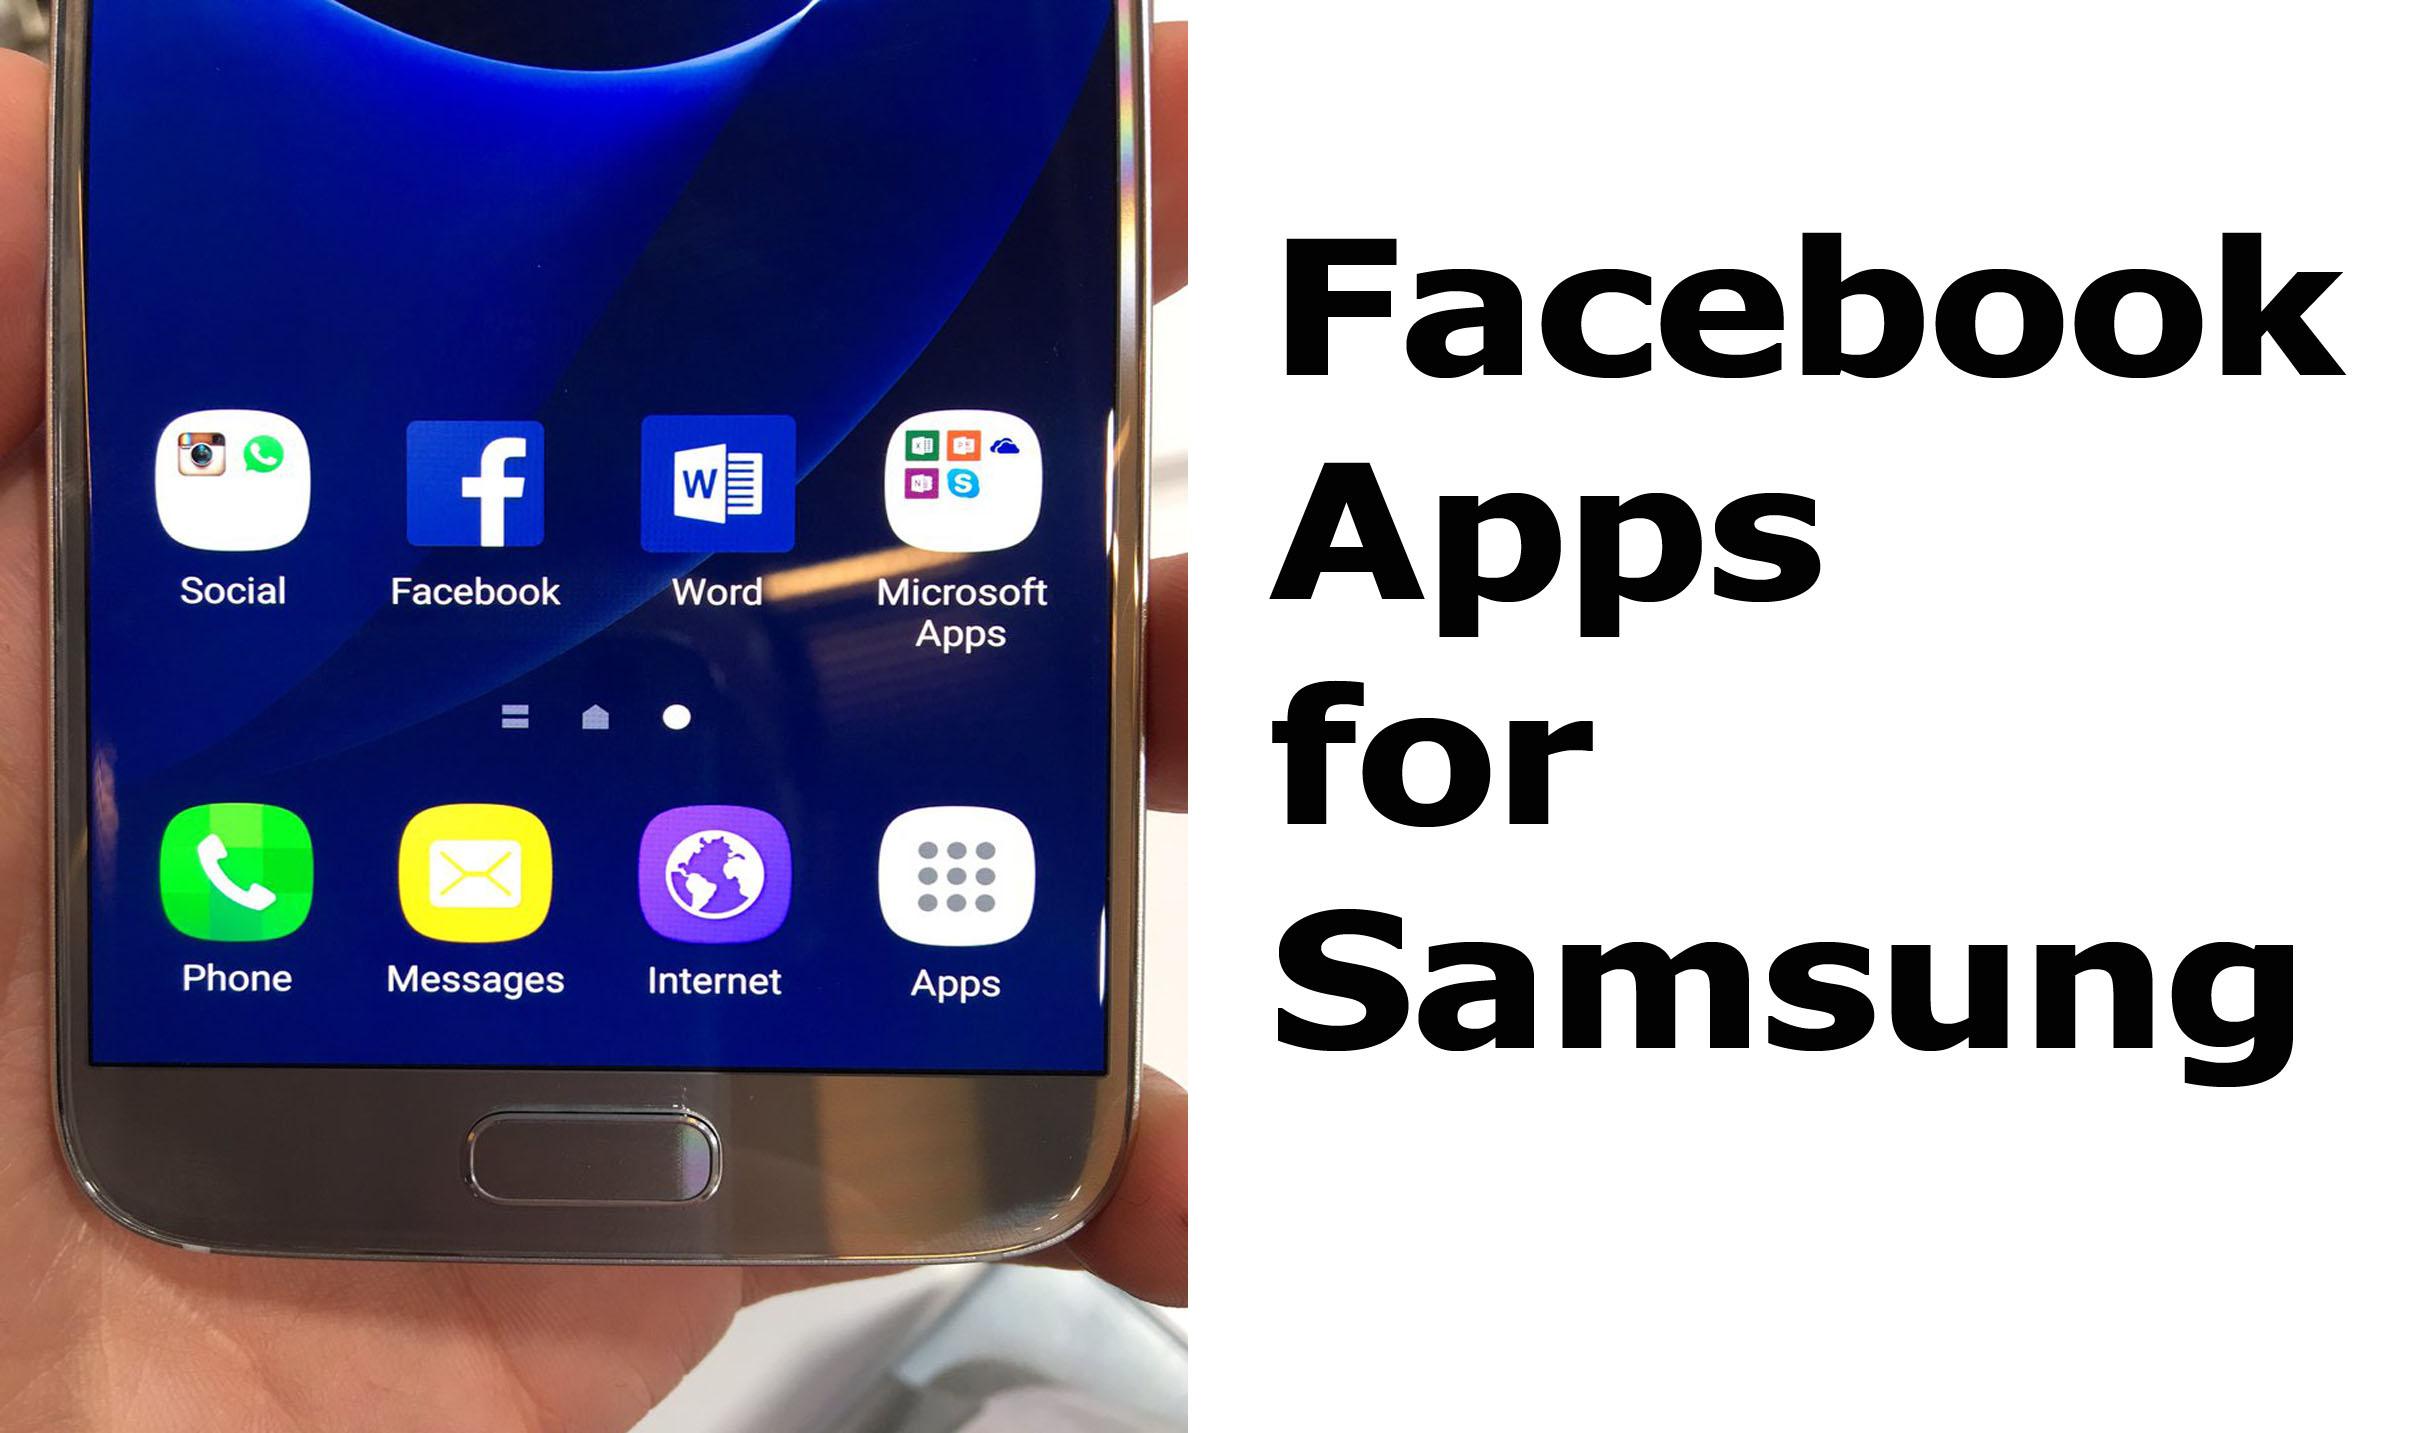 Facebook Apps for Samsung - Download Facebook Apps For